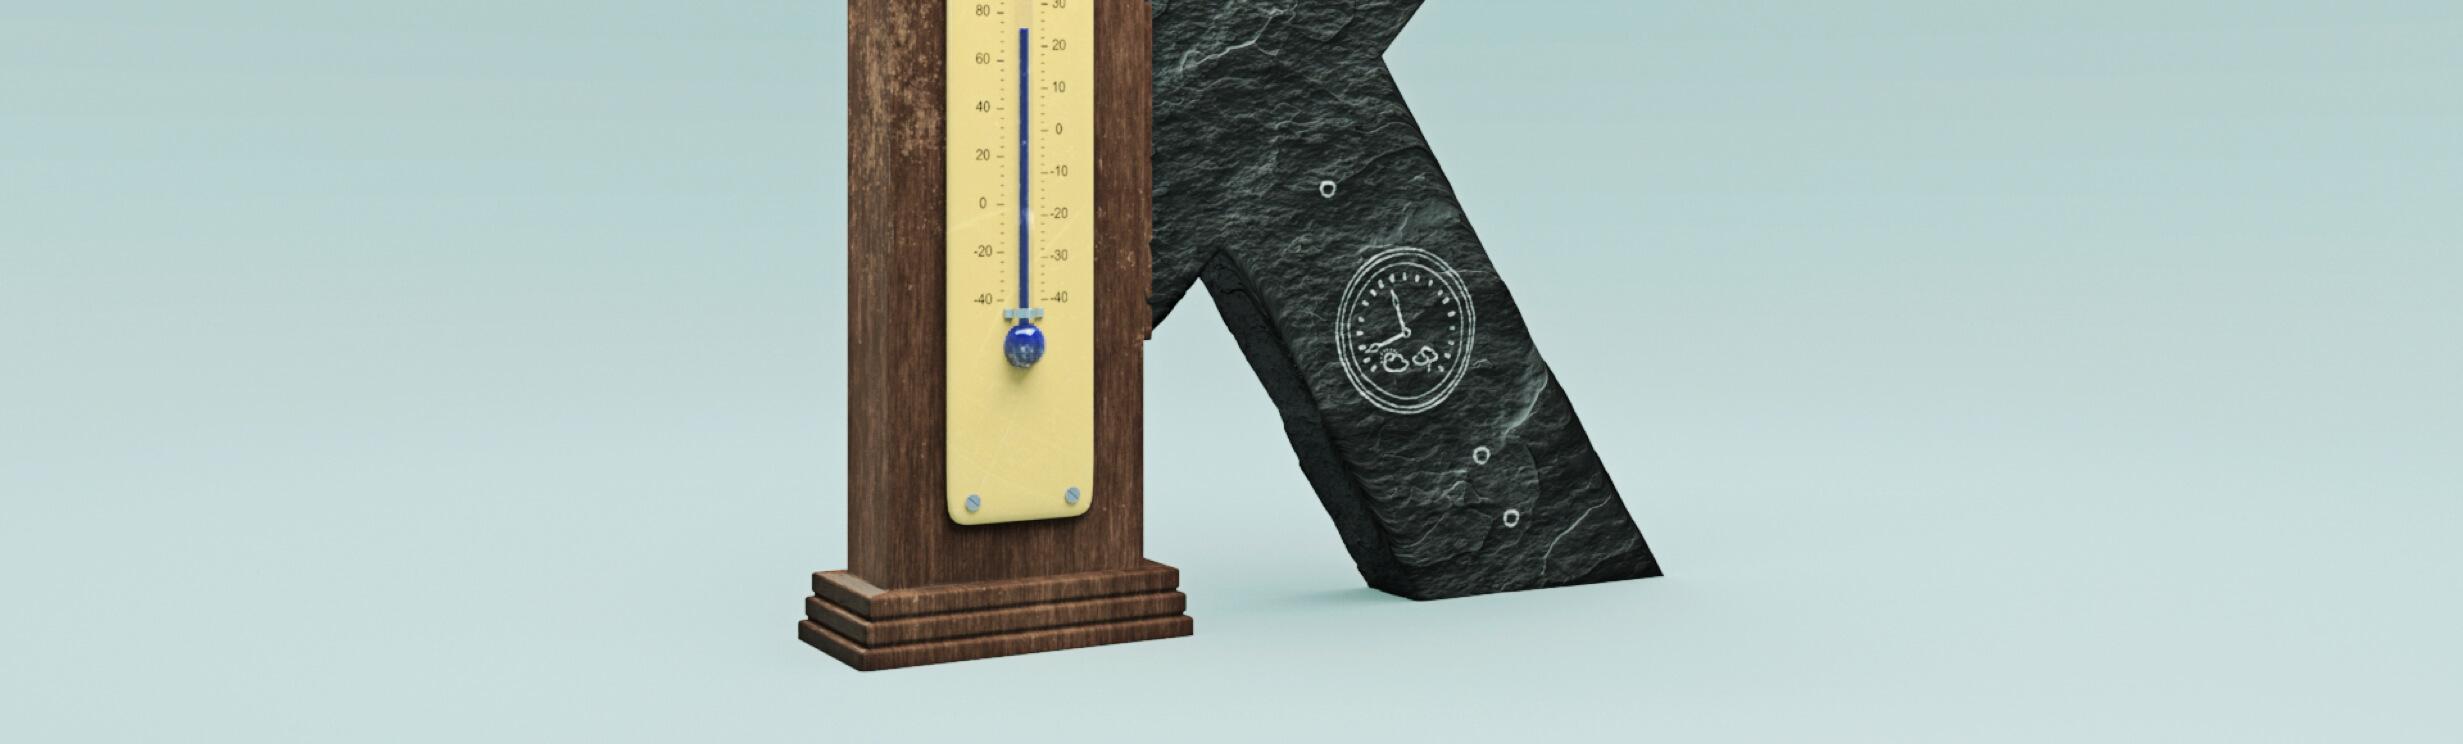 Ein grosses K mit Thermometer